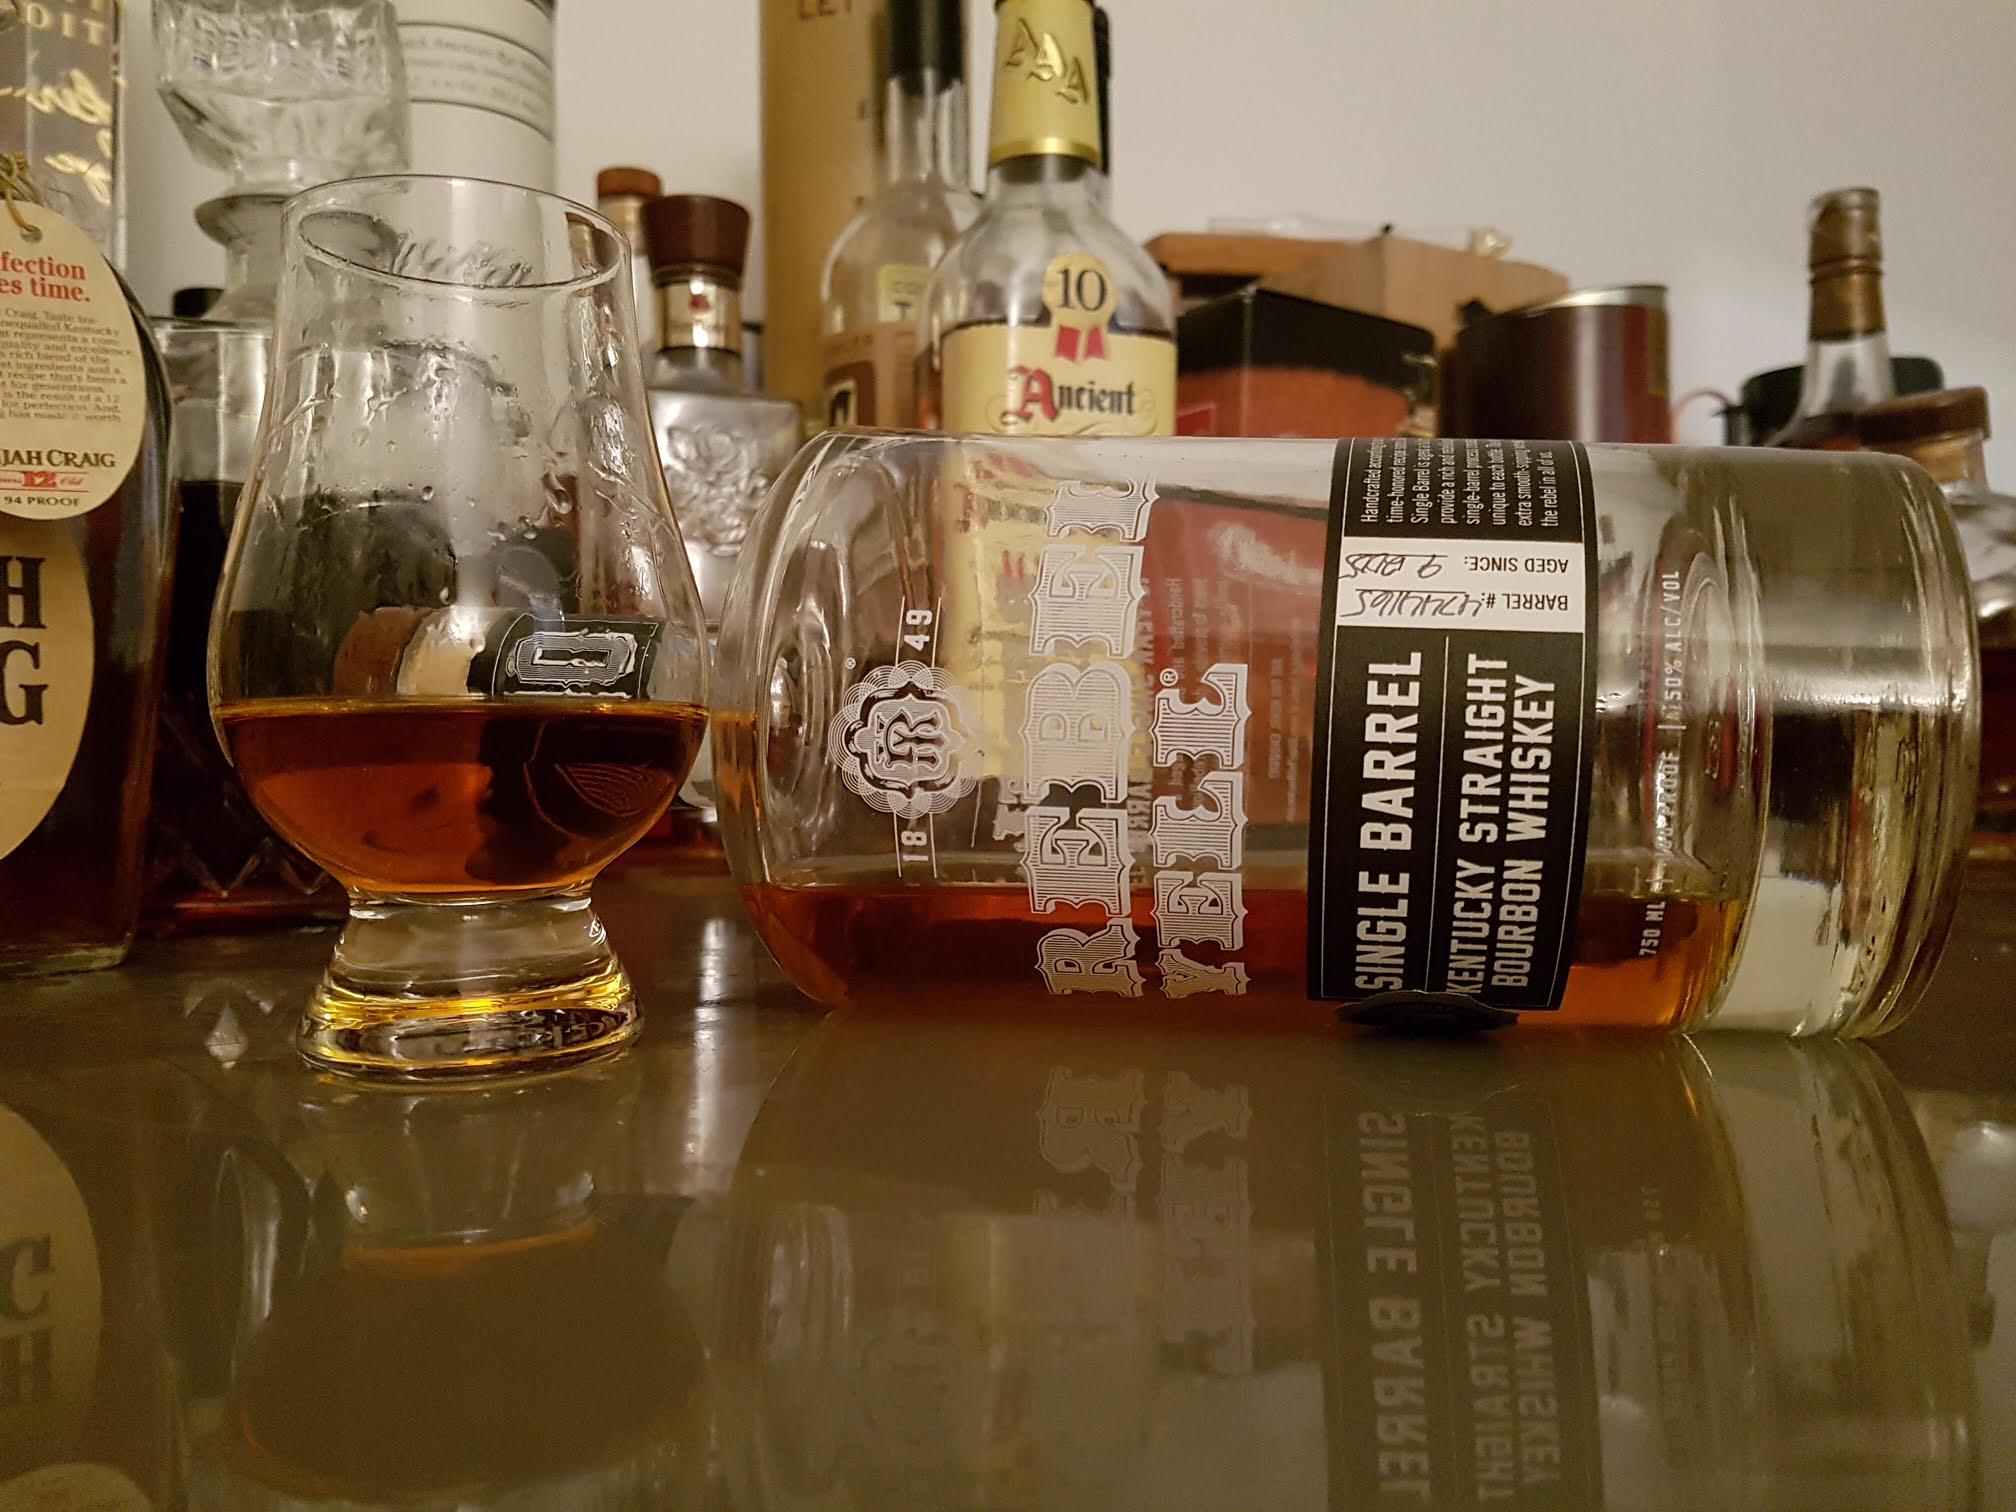 Rebel Yell Single Barrel British Bourbon Society